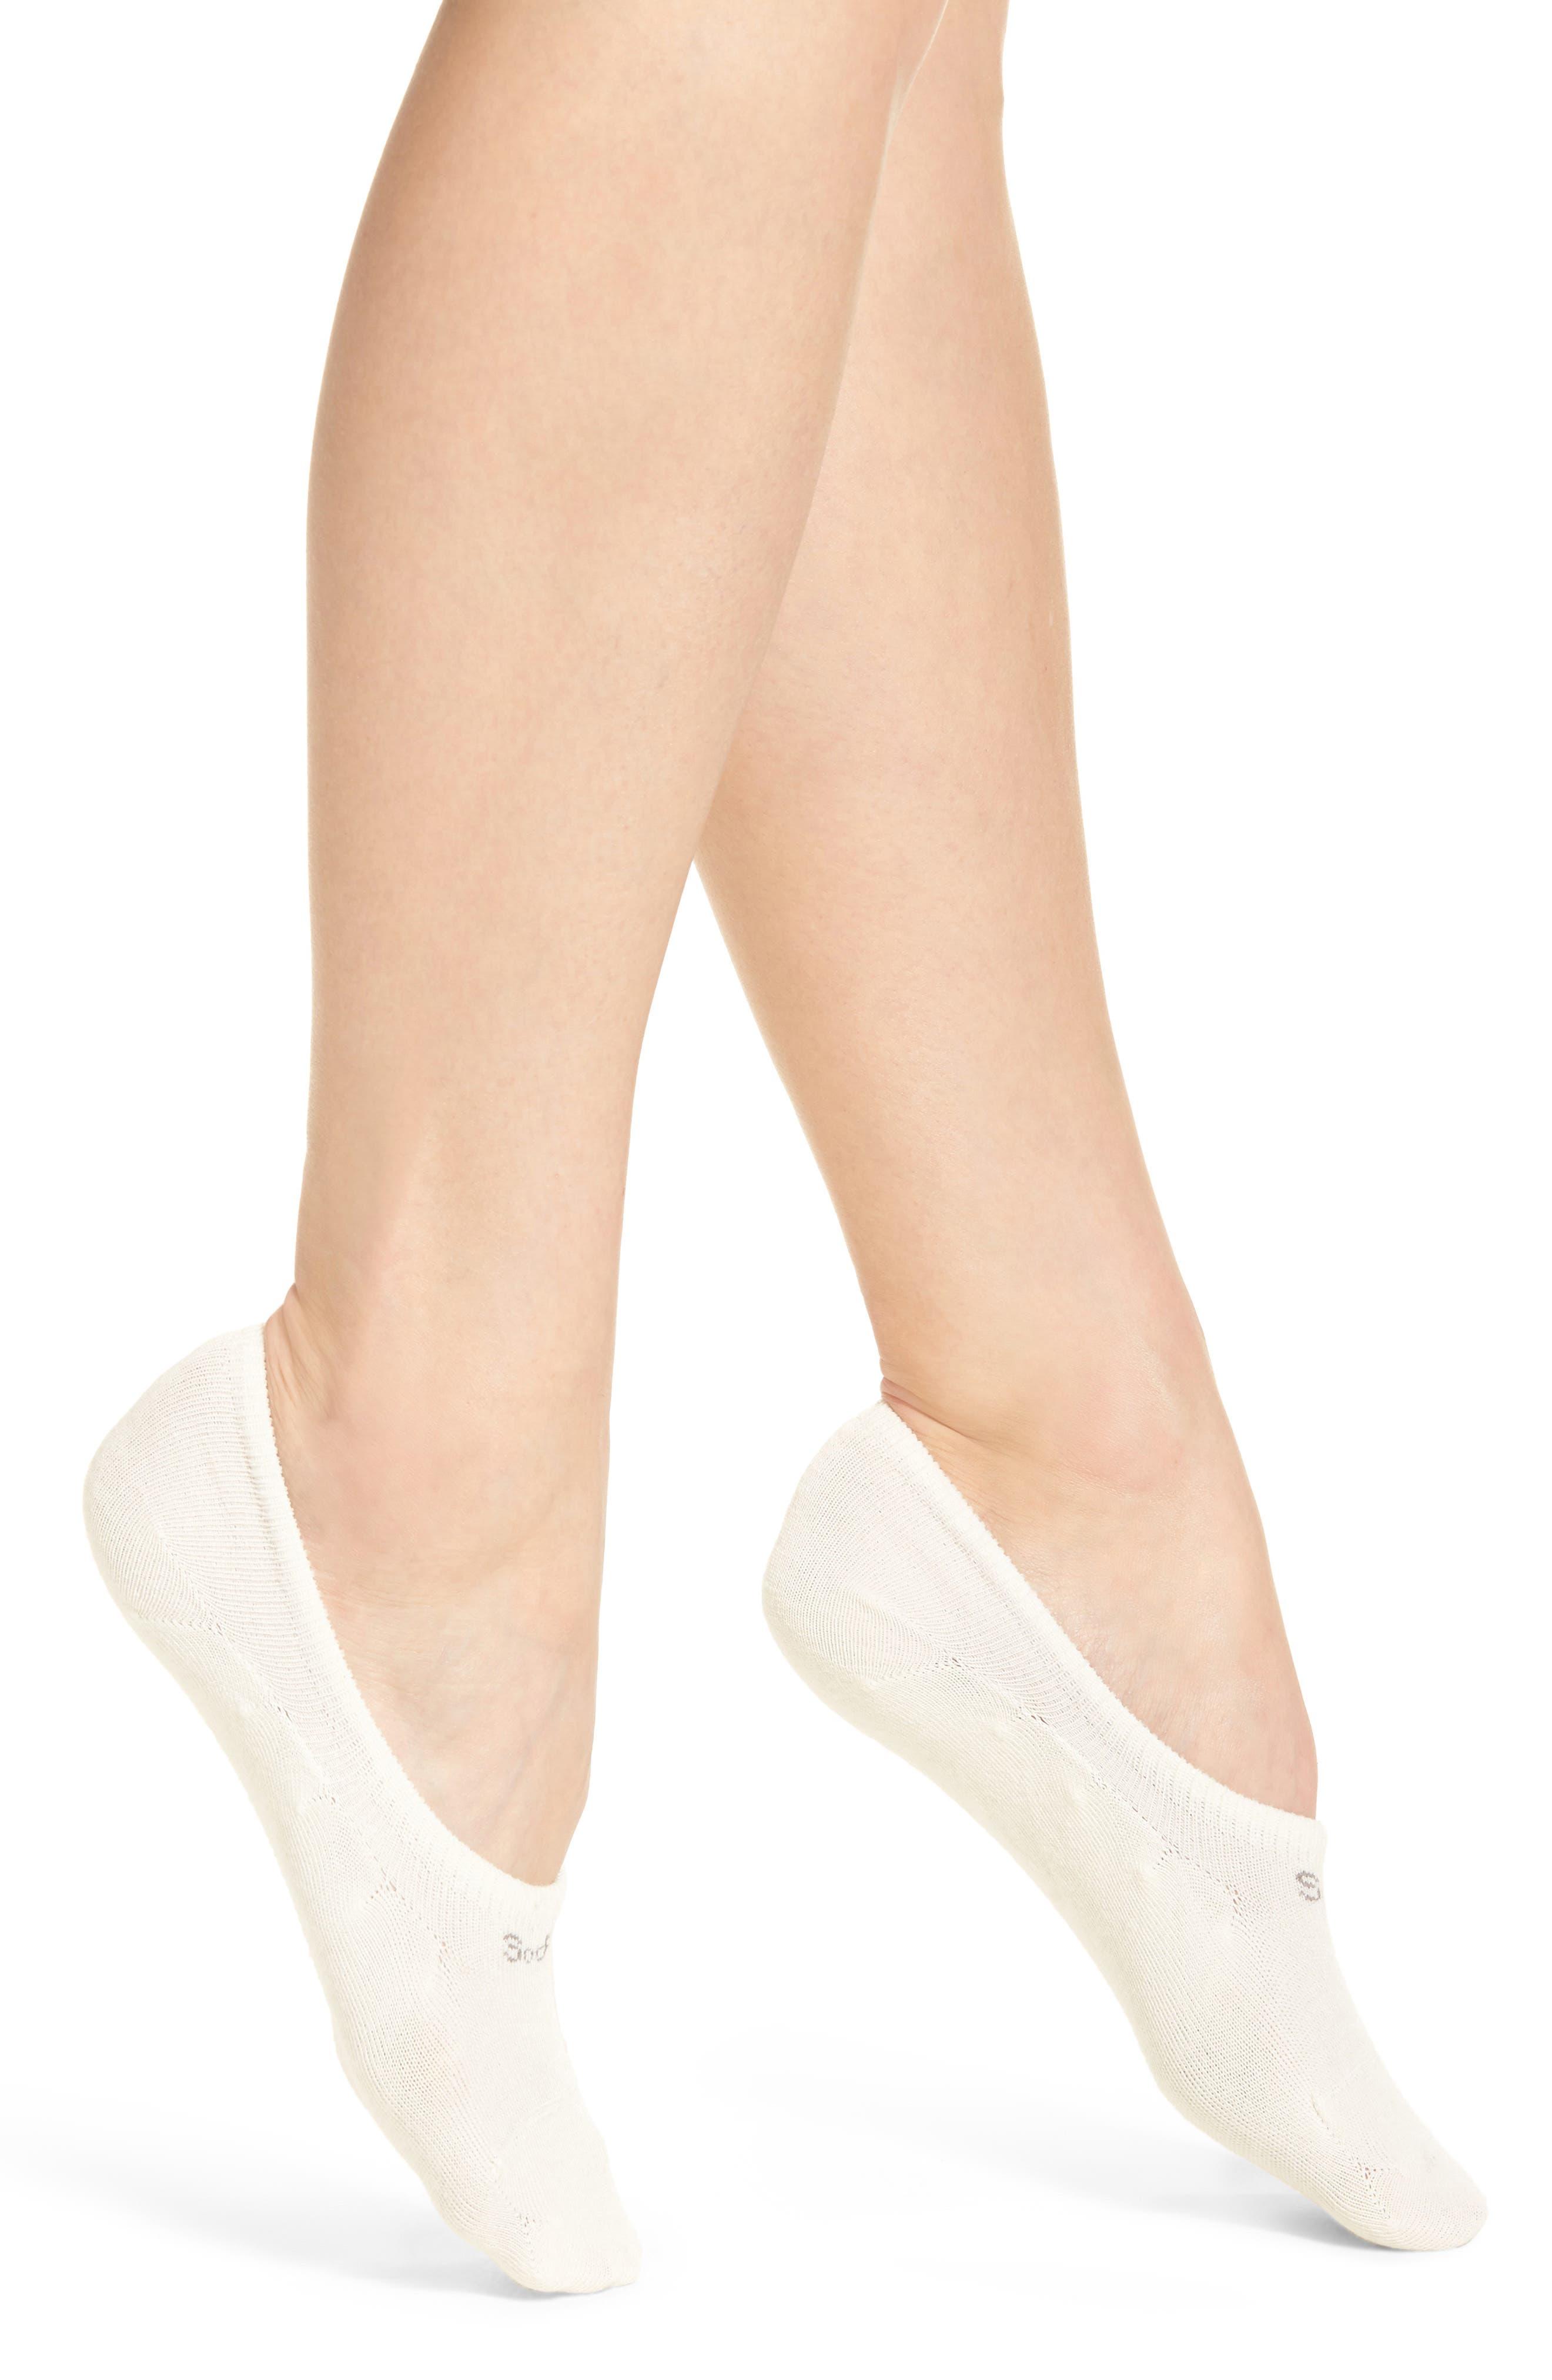 Sockwell Undercover Liner Socks